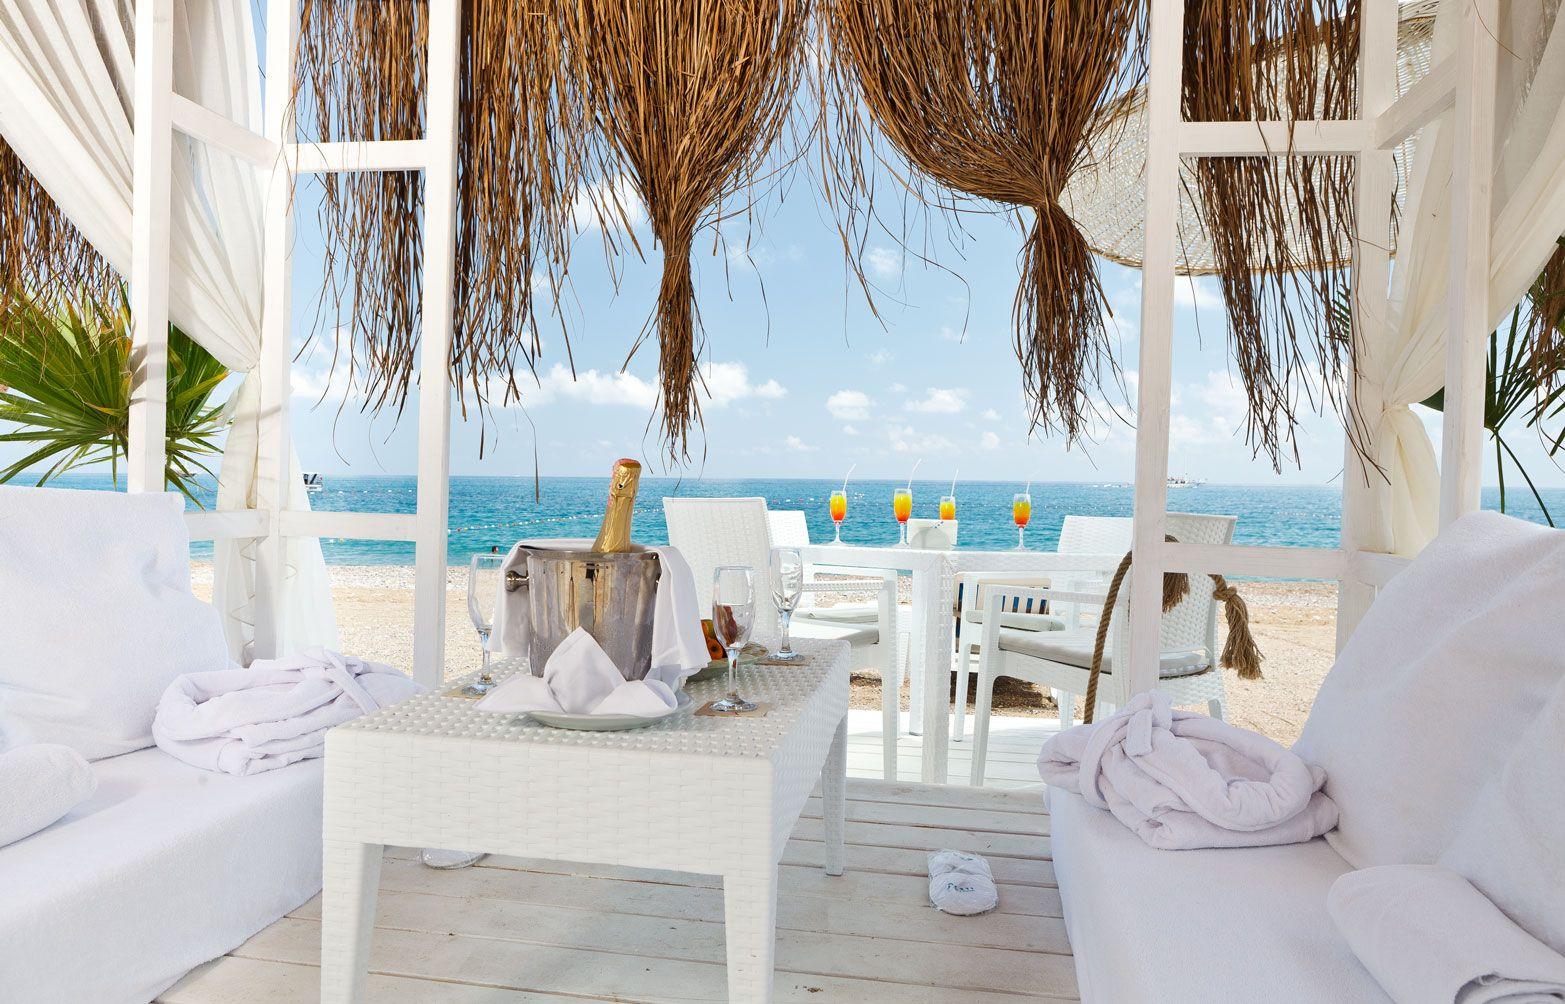 Hotel Marti Myra 5 Turkey Hotel Tekirova Turkey Martimyra Holiday Summer Sea Beach